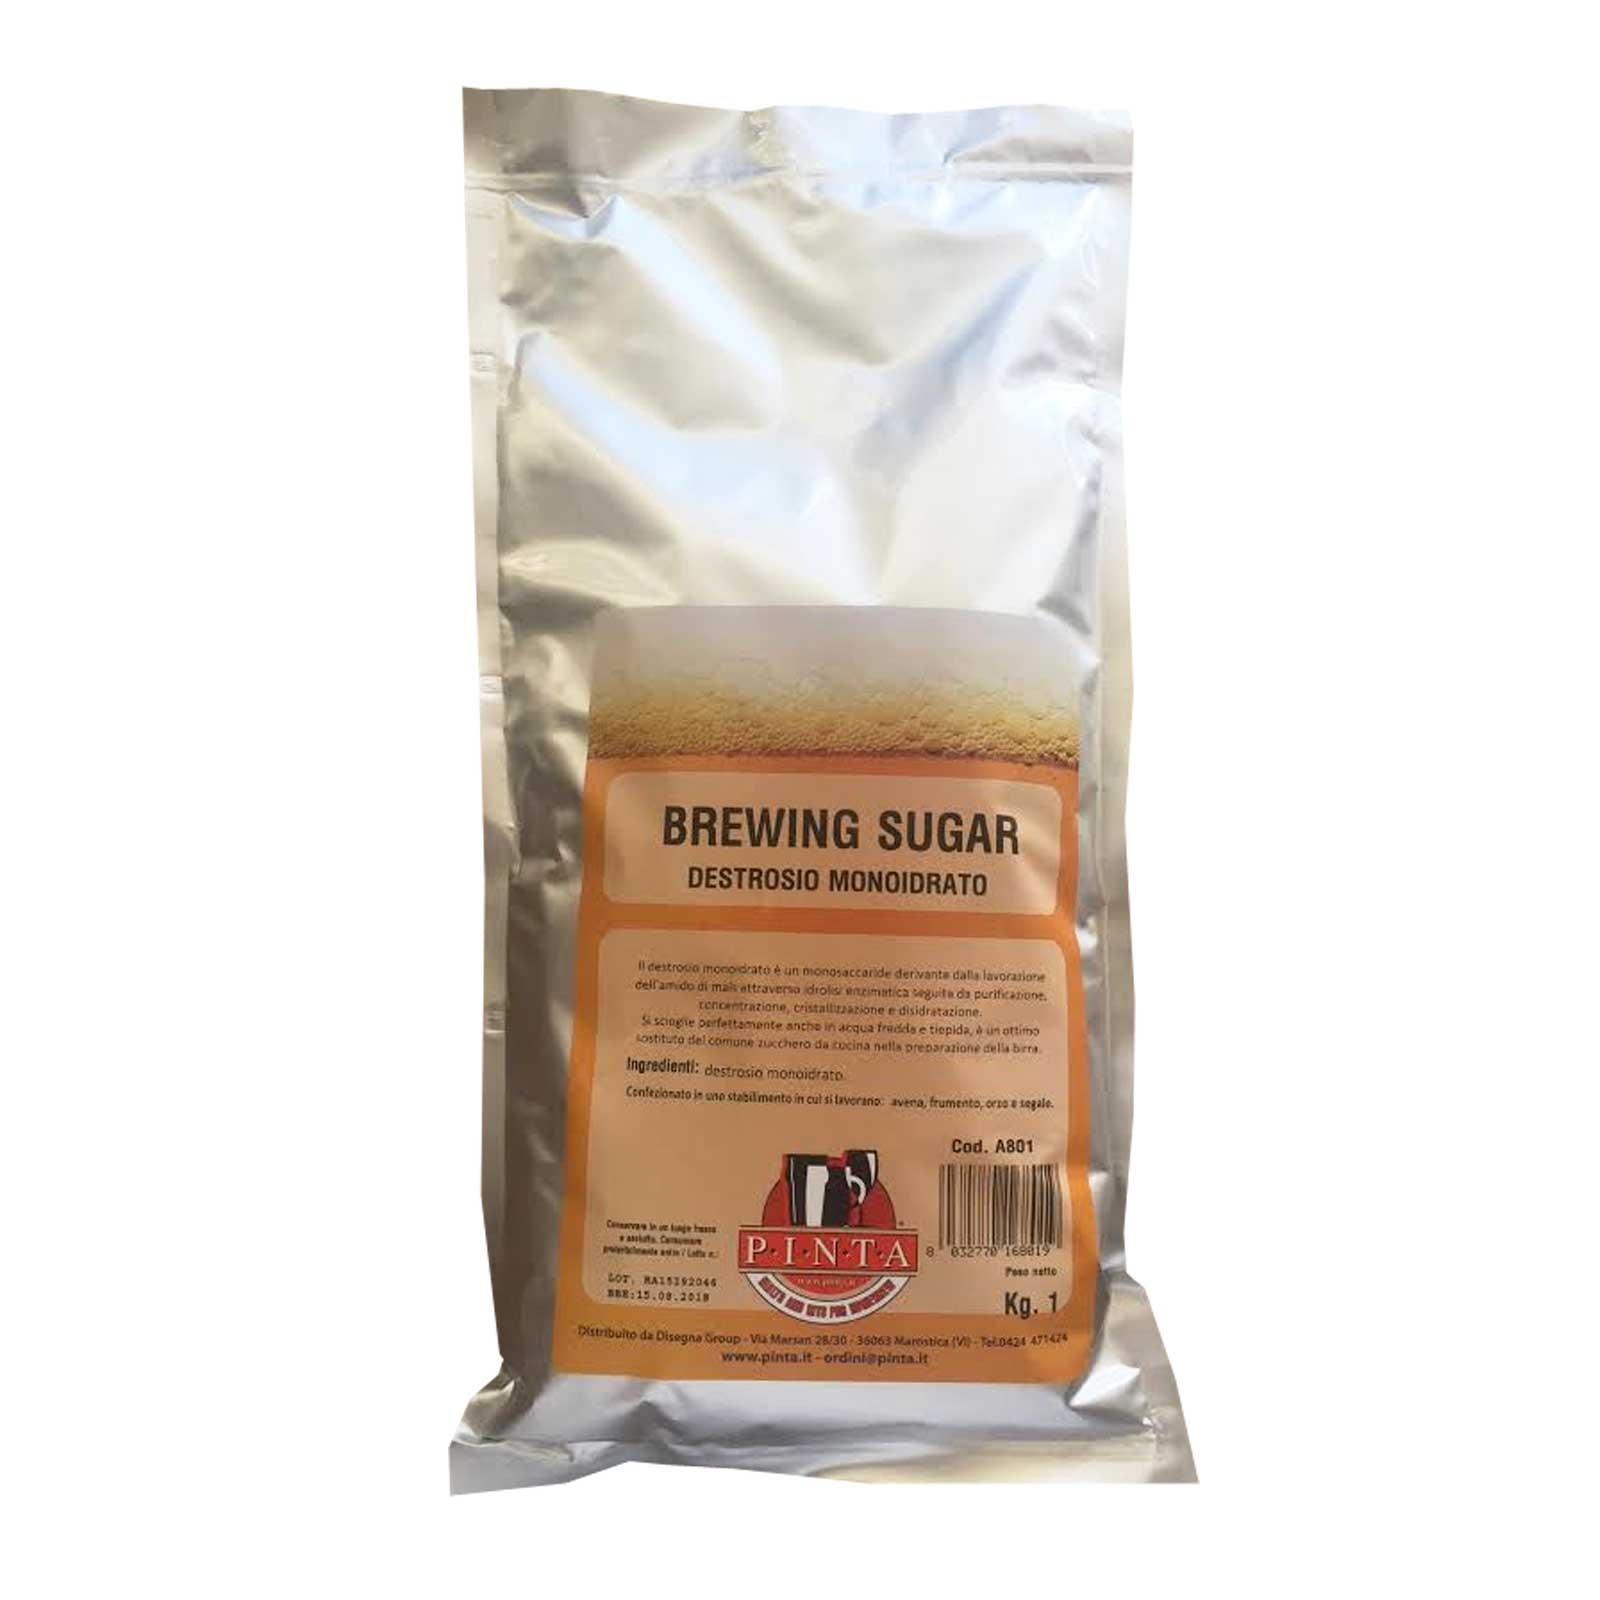 Brewing Sugar kg.1 - Destrosio Monoidrato